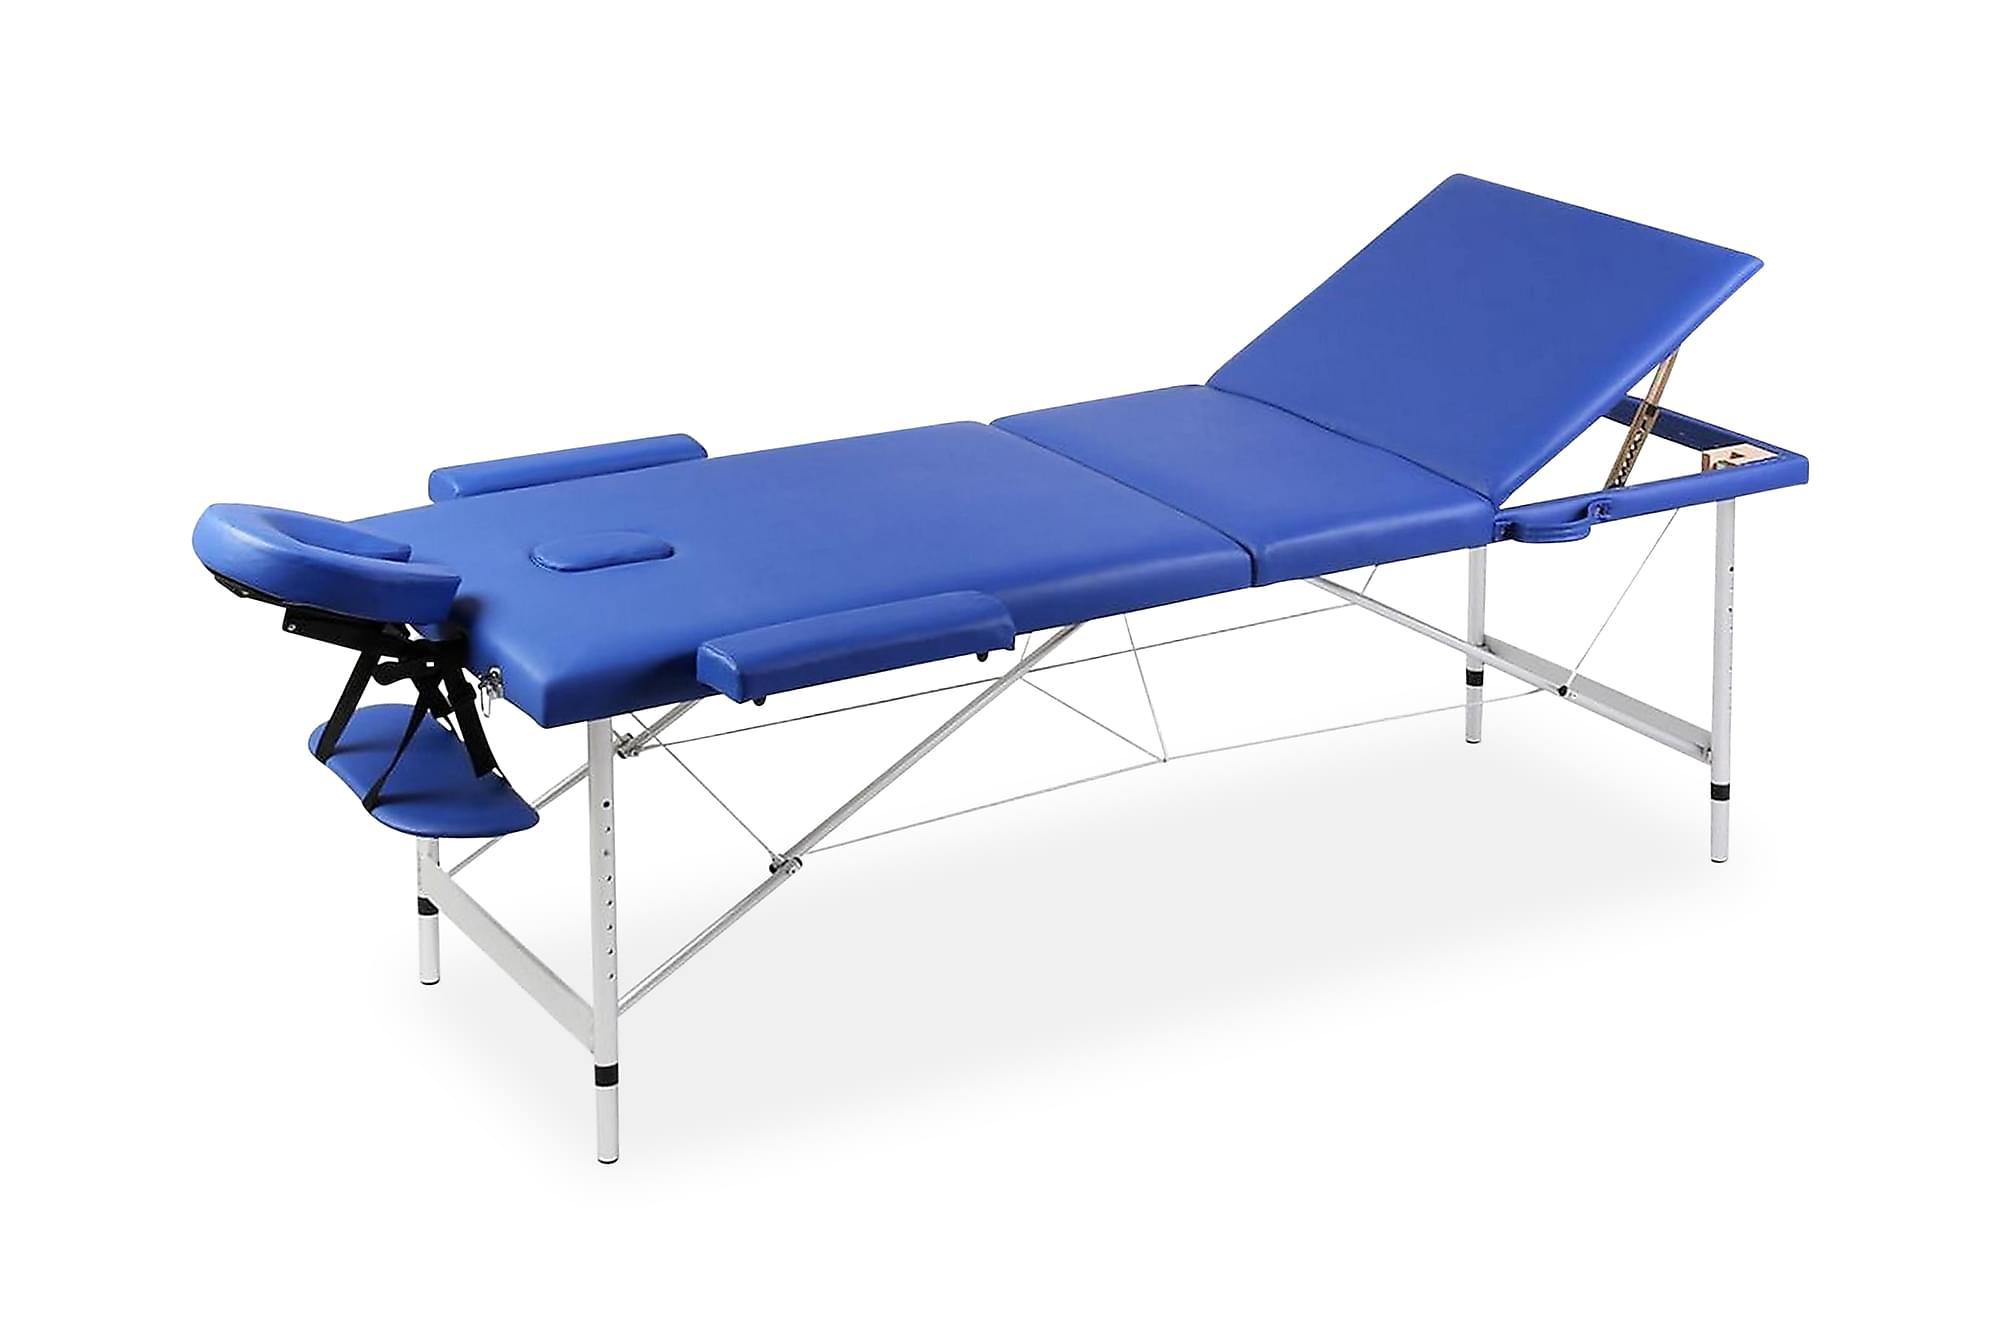 Hopfällbar 3-sektions massagebänk med aluminium ram blå, Massagebord